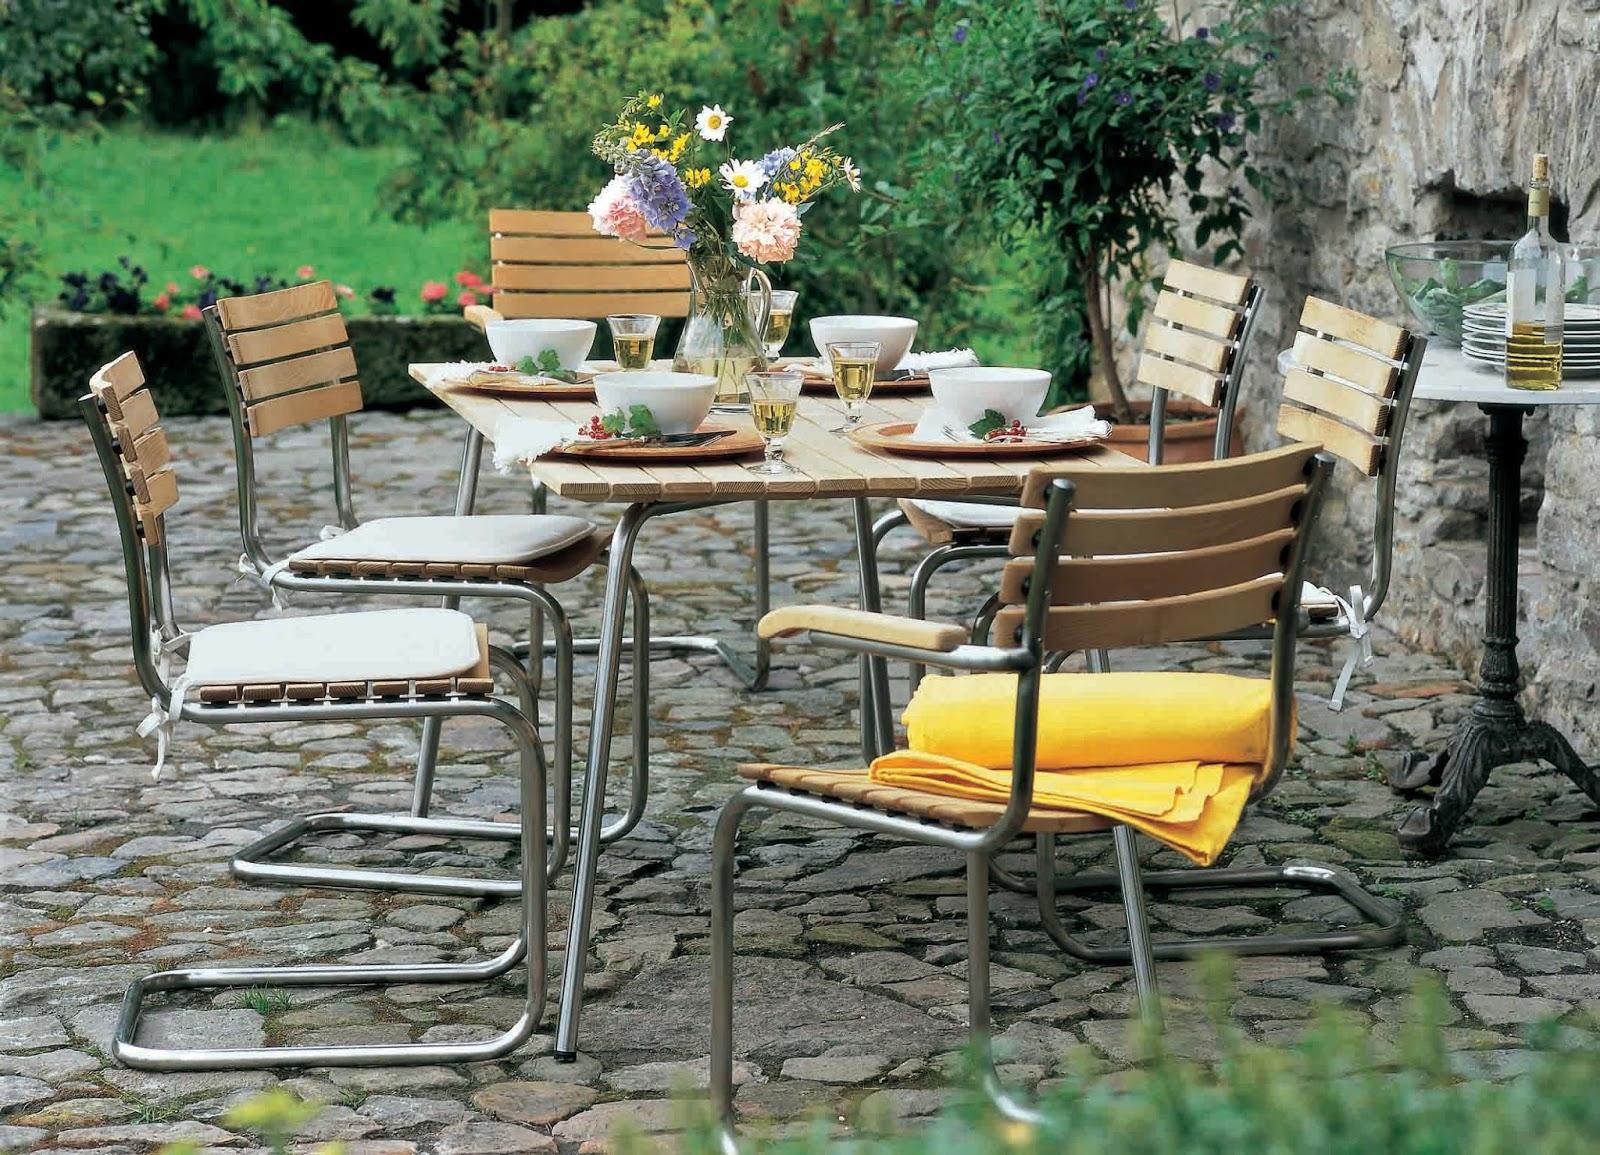 L iconica sedia da giardino s40 di mart stam festeggia i for Sedia anni 40